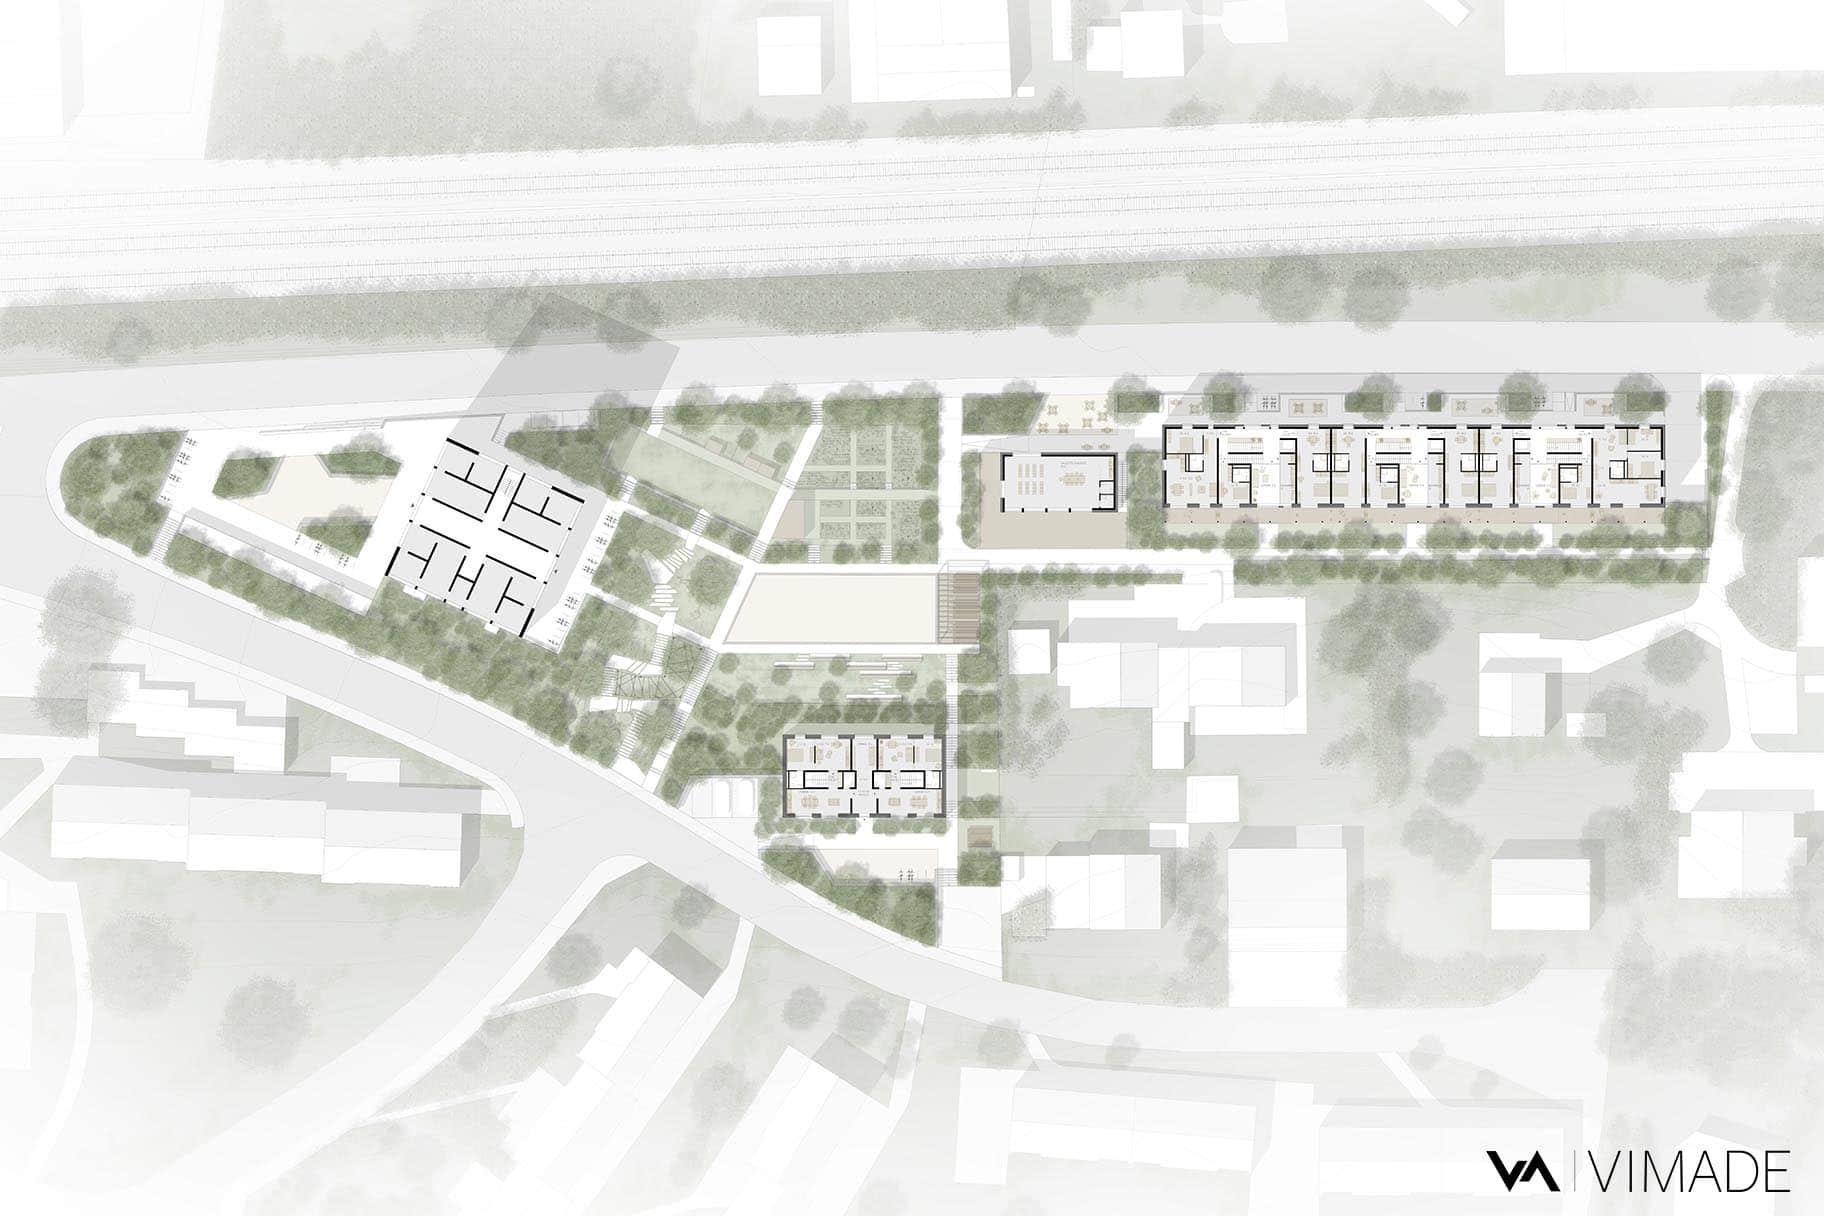 Plan masse des aménagements extérieurs pour un concours d'architecture pour des logements coopératif au Chemin Mettlen à Bienne, VIMADE Architectes paysagiste et ATBA Architectes